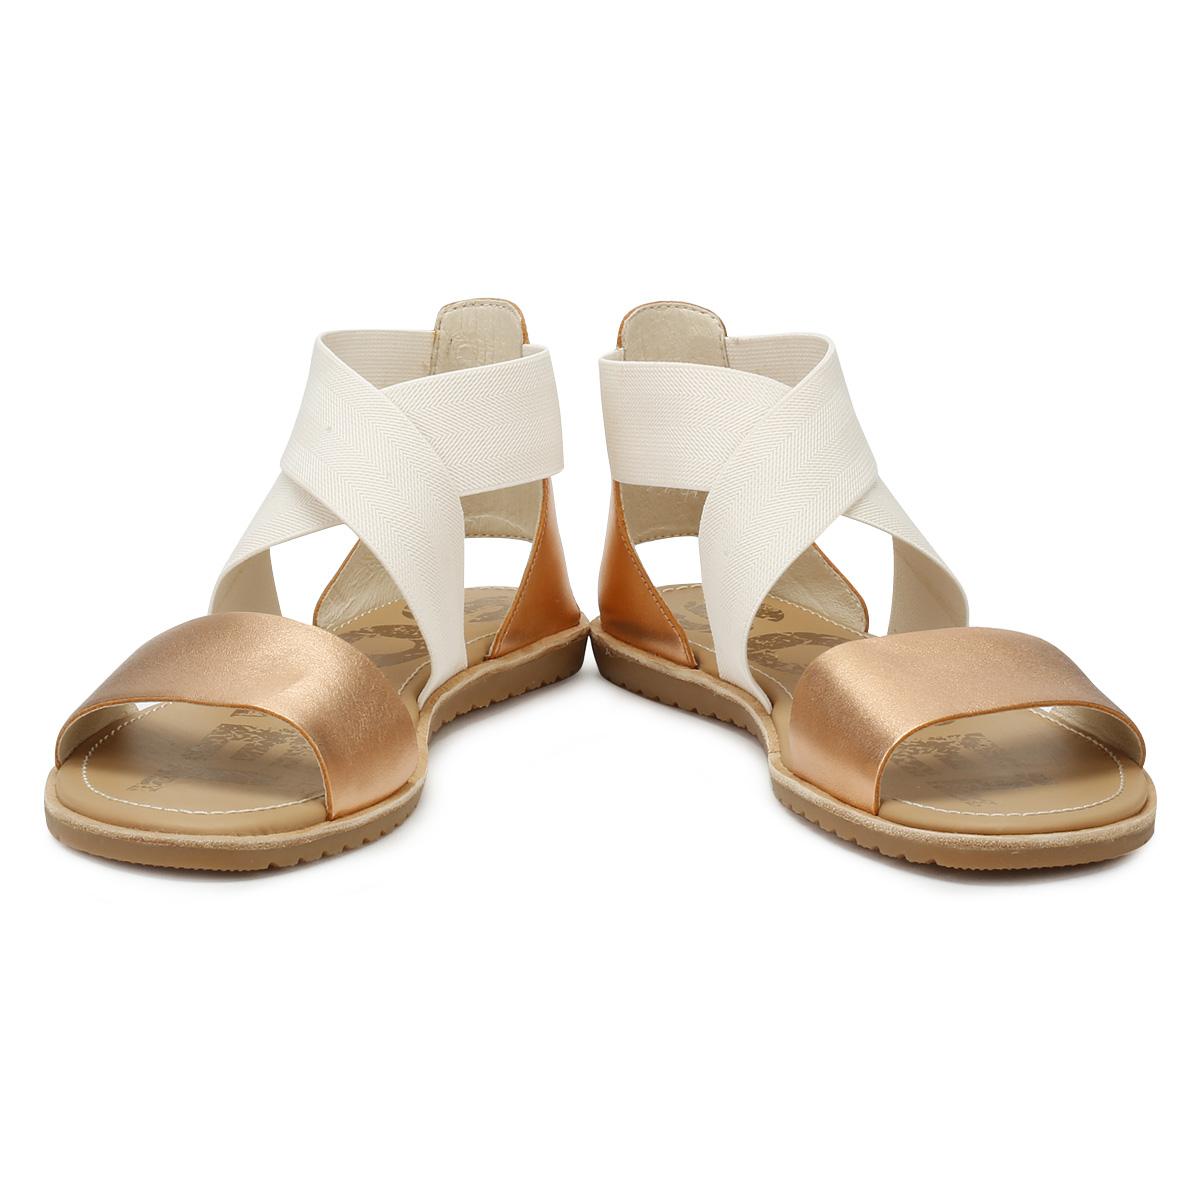 9dbc84192069a Sorel Womens Natural Beige Ella Sandals Ladies Summer Beach Casual Shoes